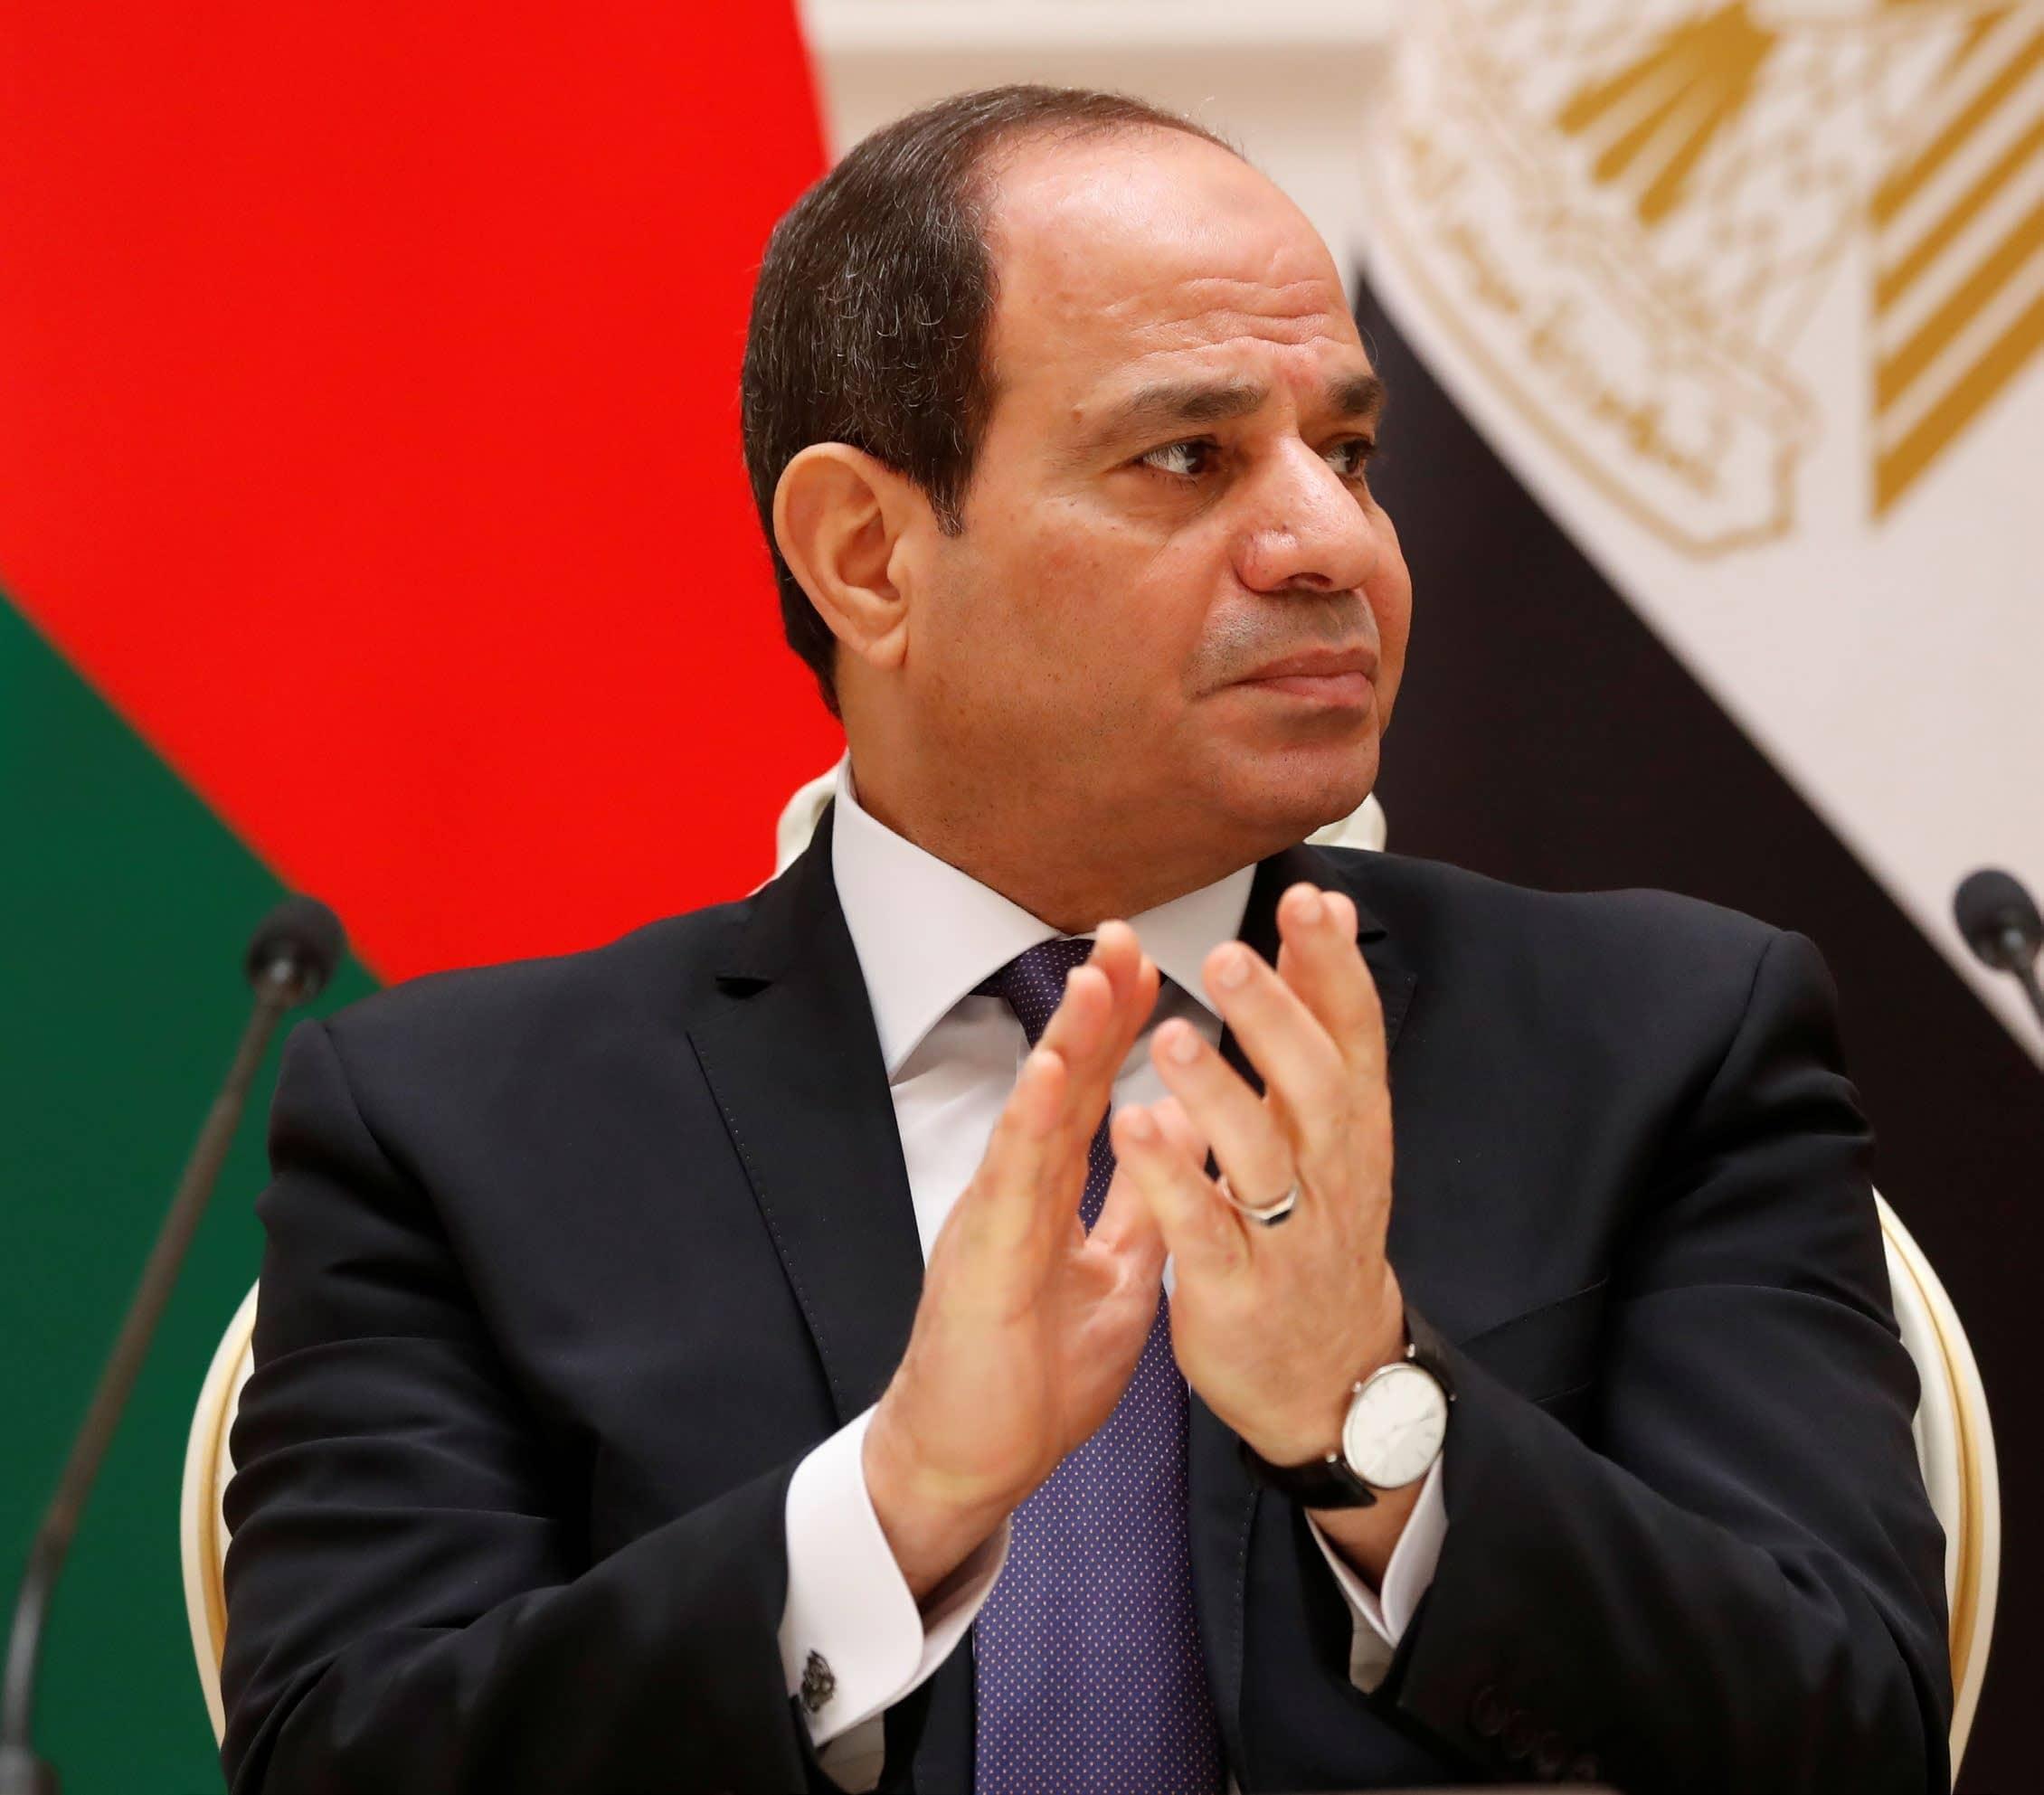 Sisi's Crusade